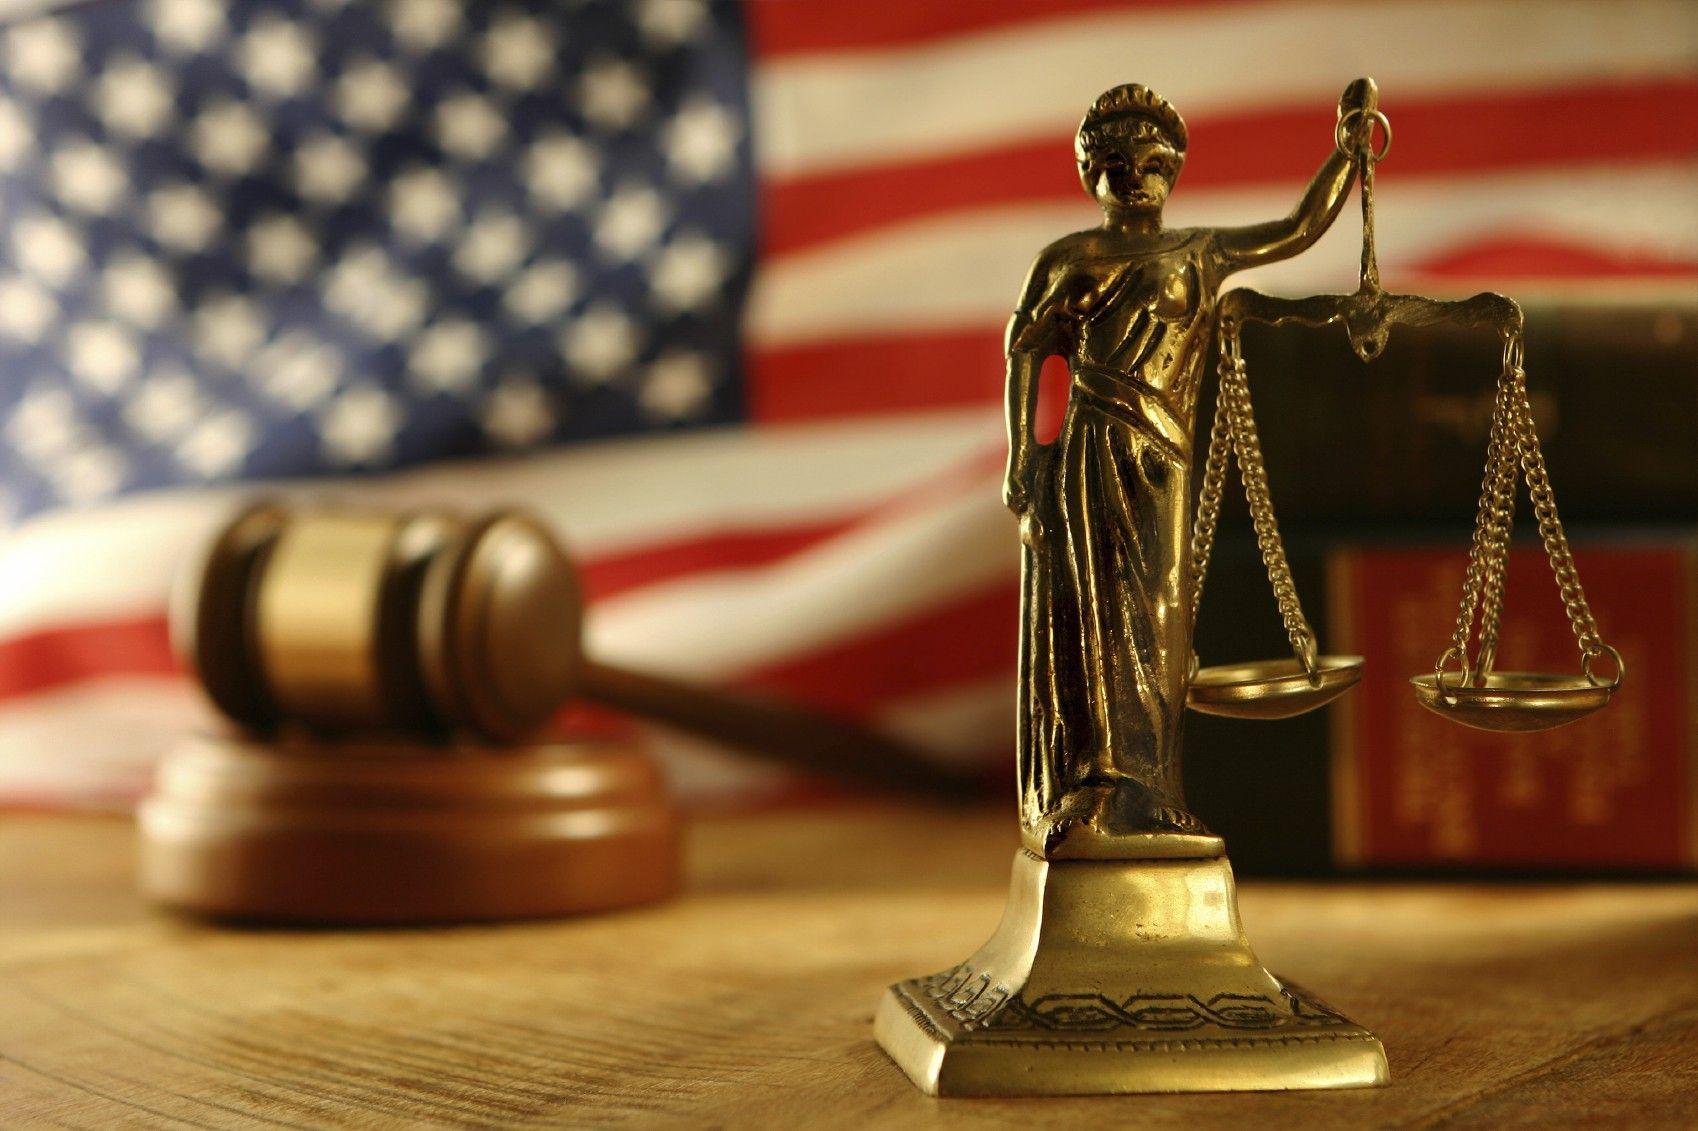 Суд США приостановил строительство нефтепровода Energy Transfer Partners вЛуизиане